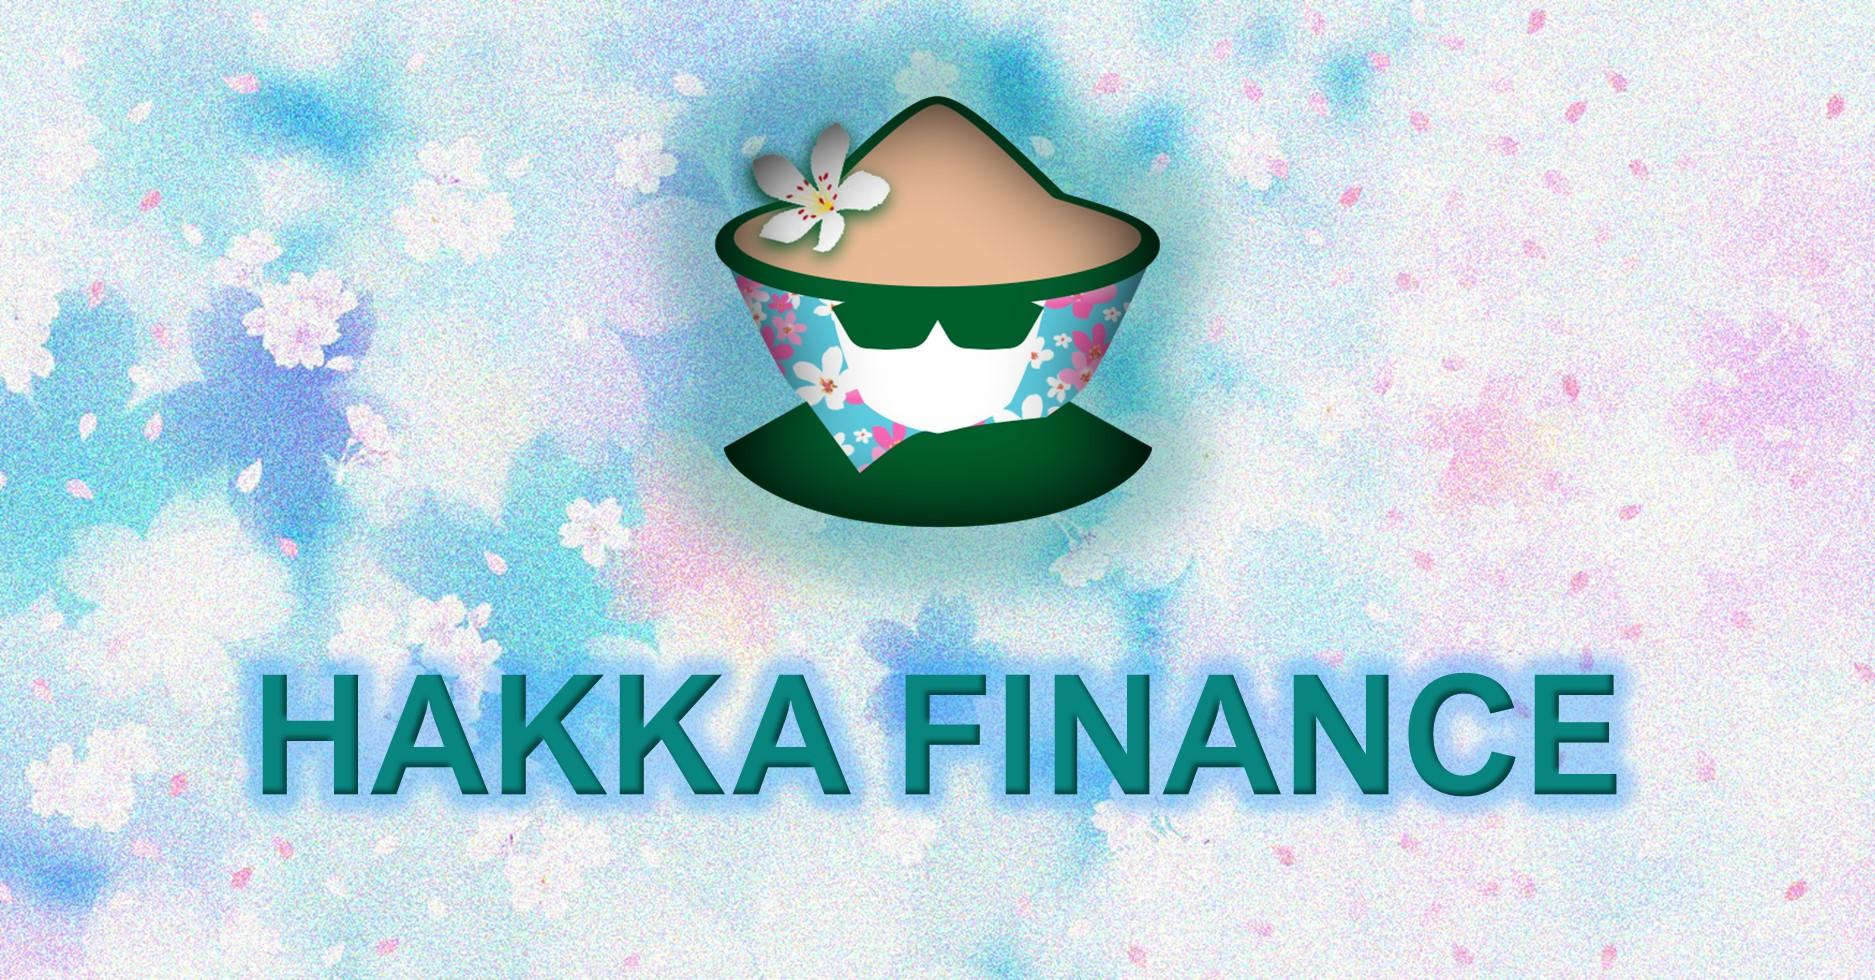 hakka finance là gì